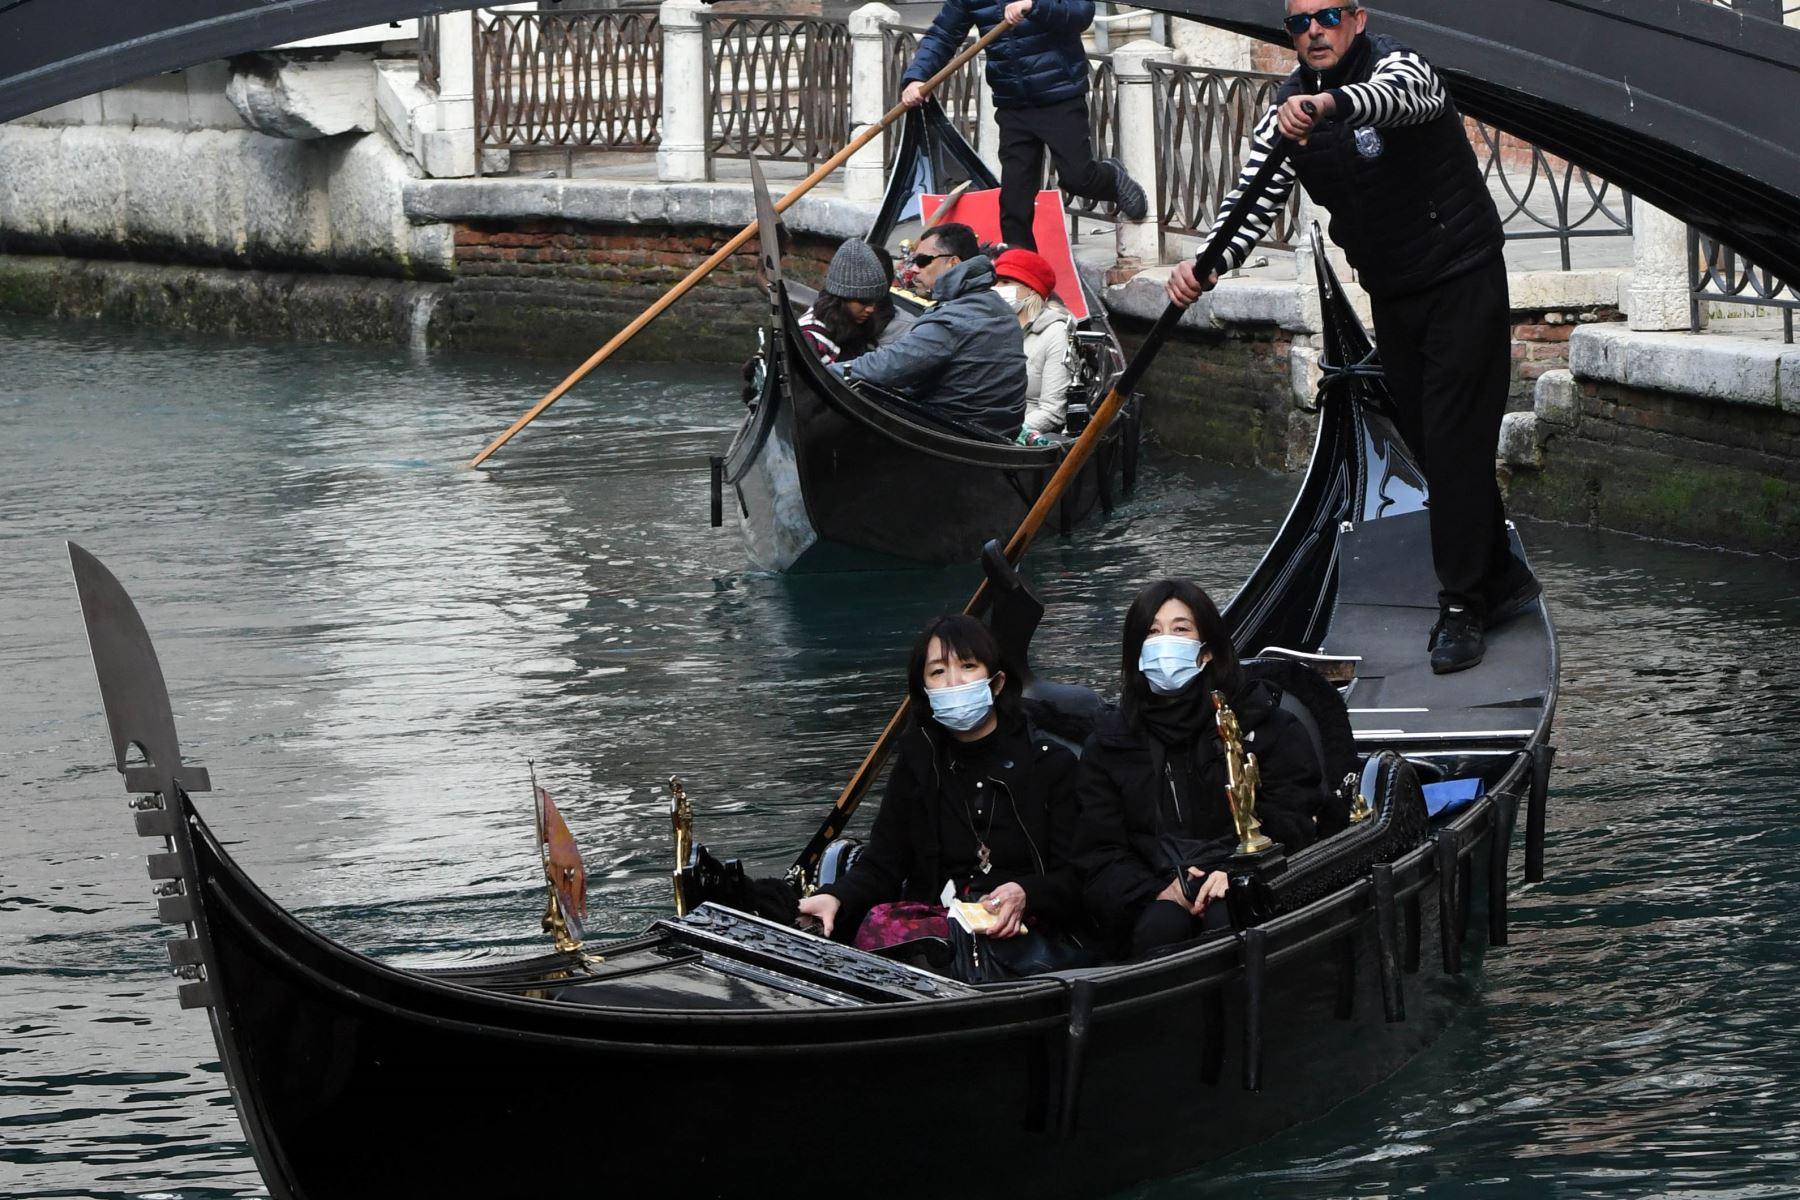 Turistas asiáticos que llevan máscaras protectoras viajan en una góndola en Venecia después de que el carnaval se canceló debido a un brote de coronavirus en Italia. Foto: AFP